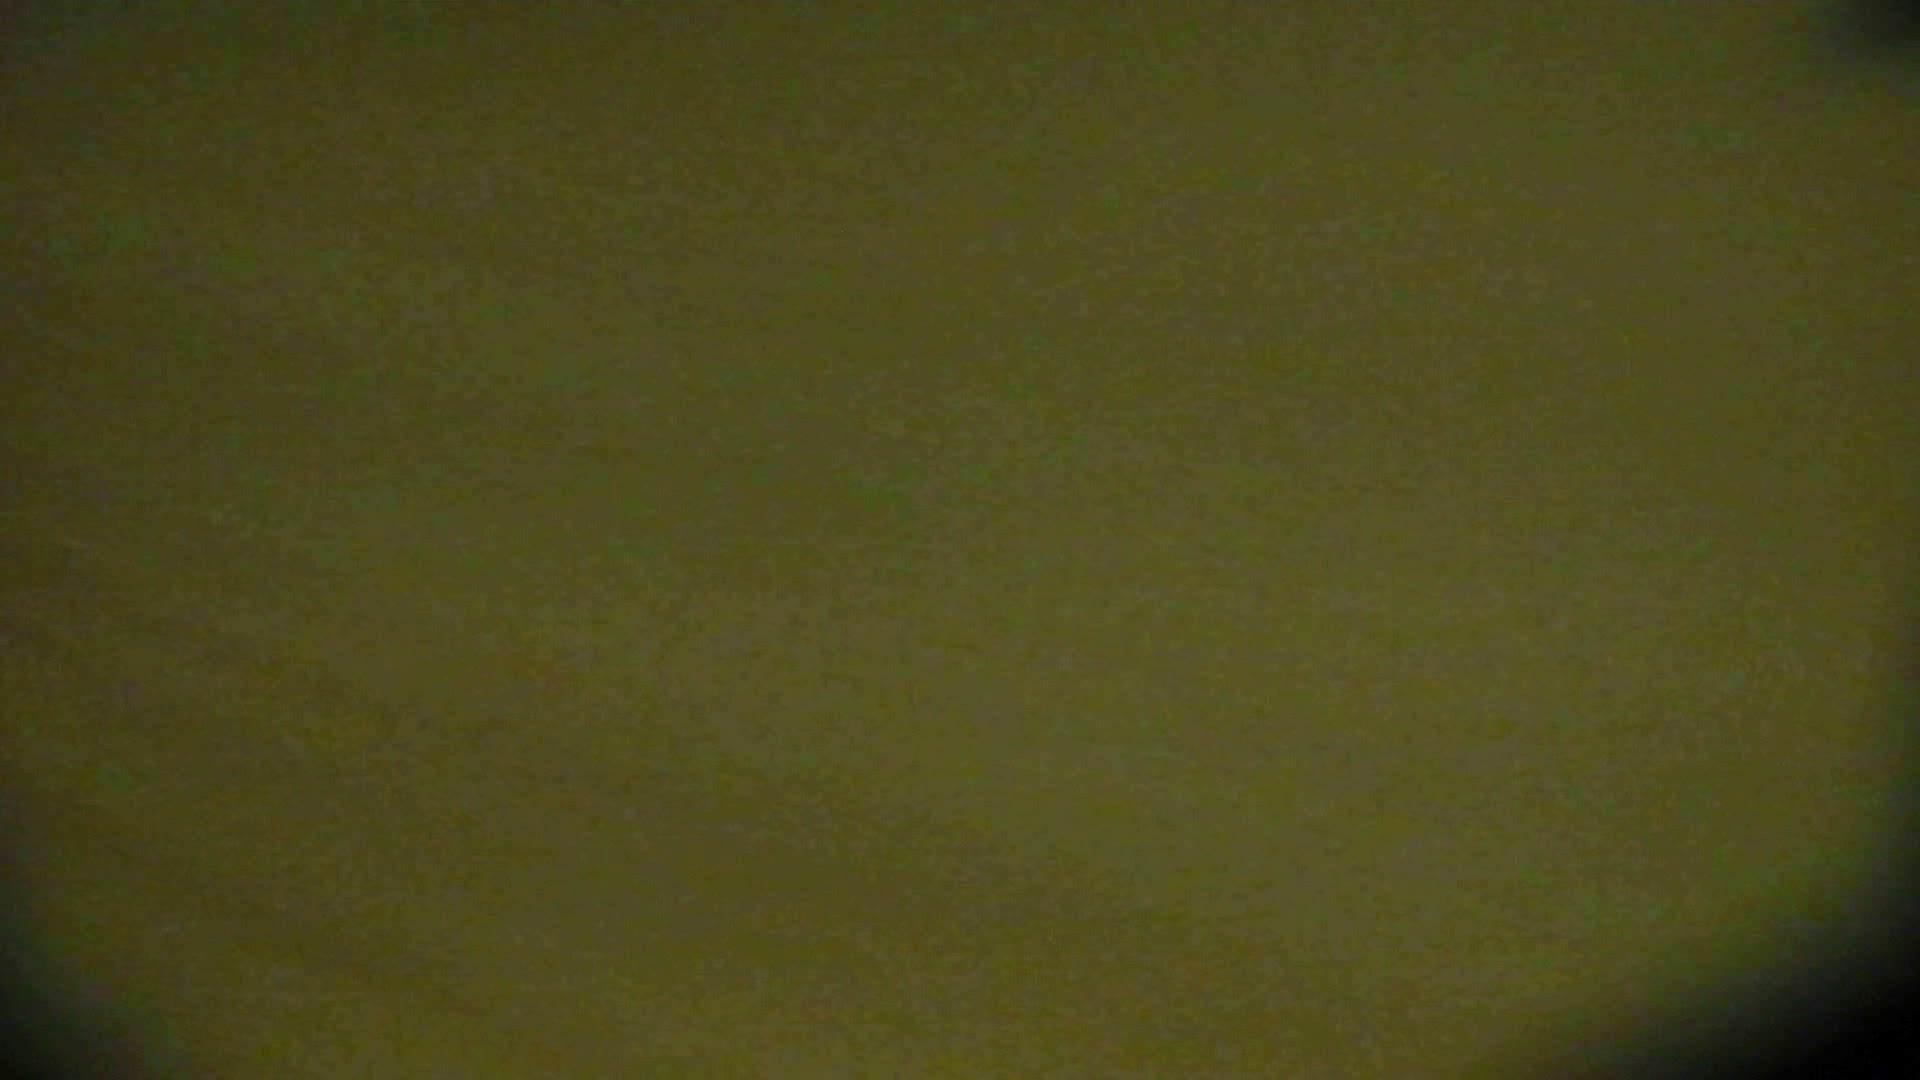 阿国ちゃんの「和式洋式七変化」No.12 洗面所  99画像 66